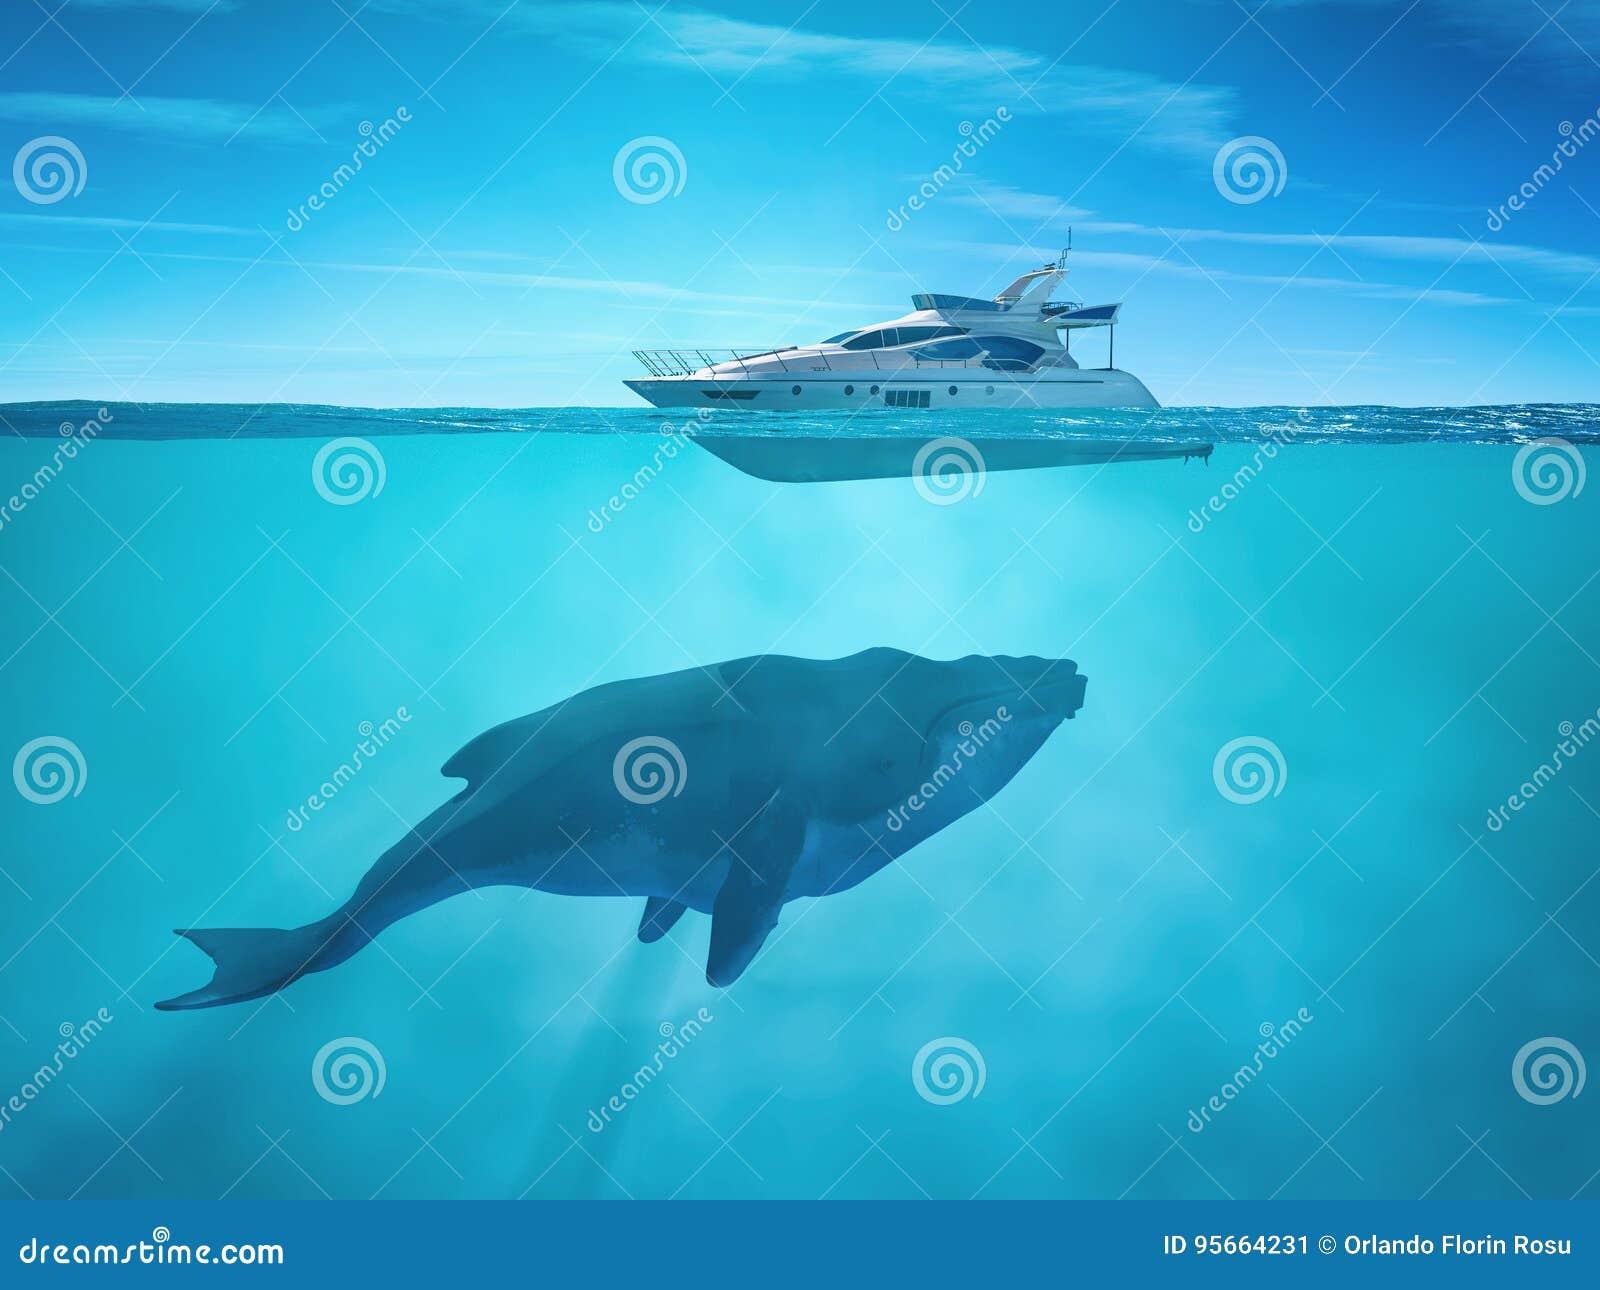 Ogromny wieloryb blisko statku wycieczkowego